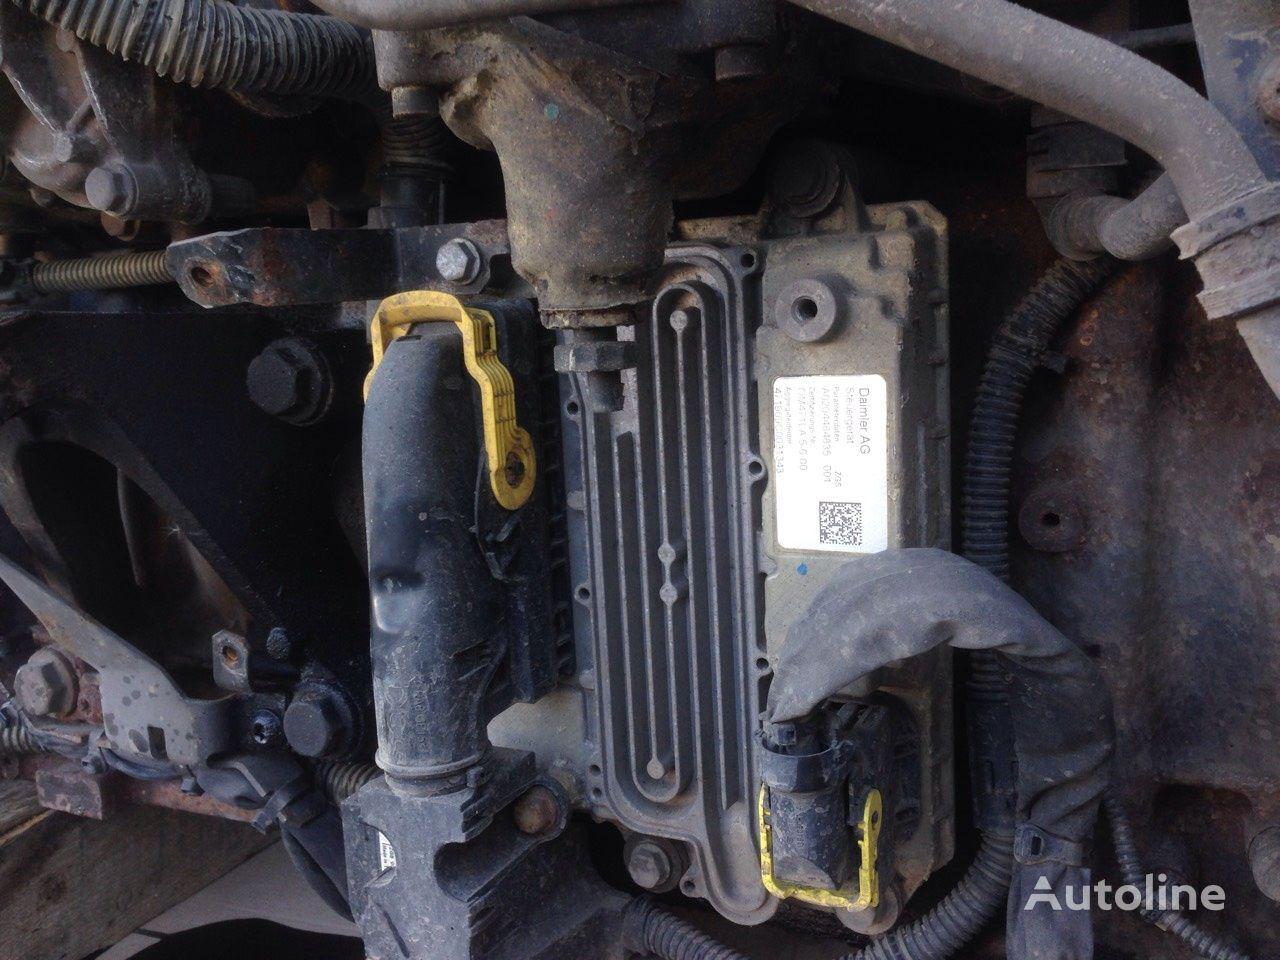 блок управления MERCEDES-BENZ двигателя EDC OM471LA.5-6-00 для грузовика MERCEDES-BENZ ACTROS MP4